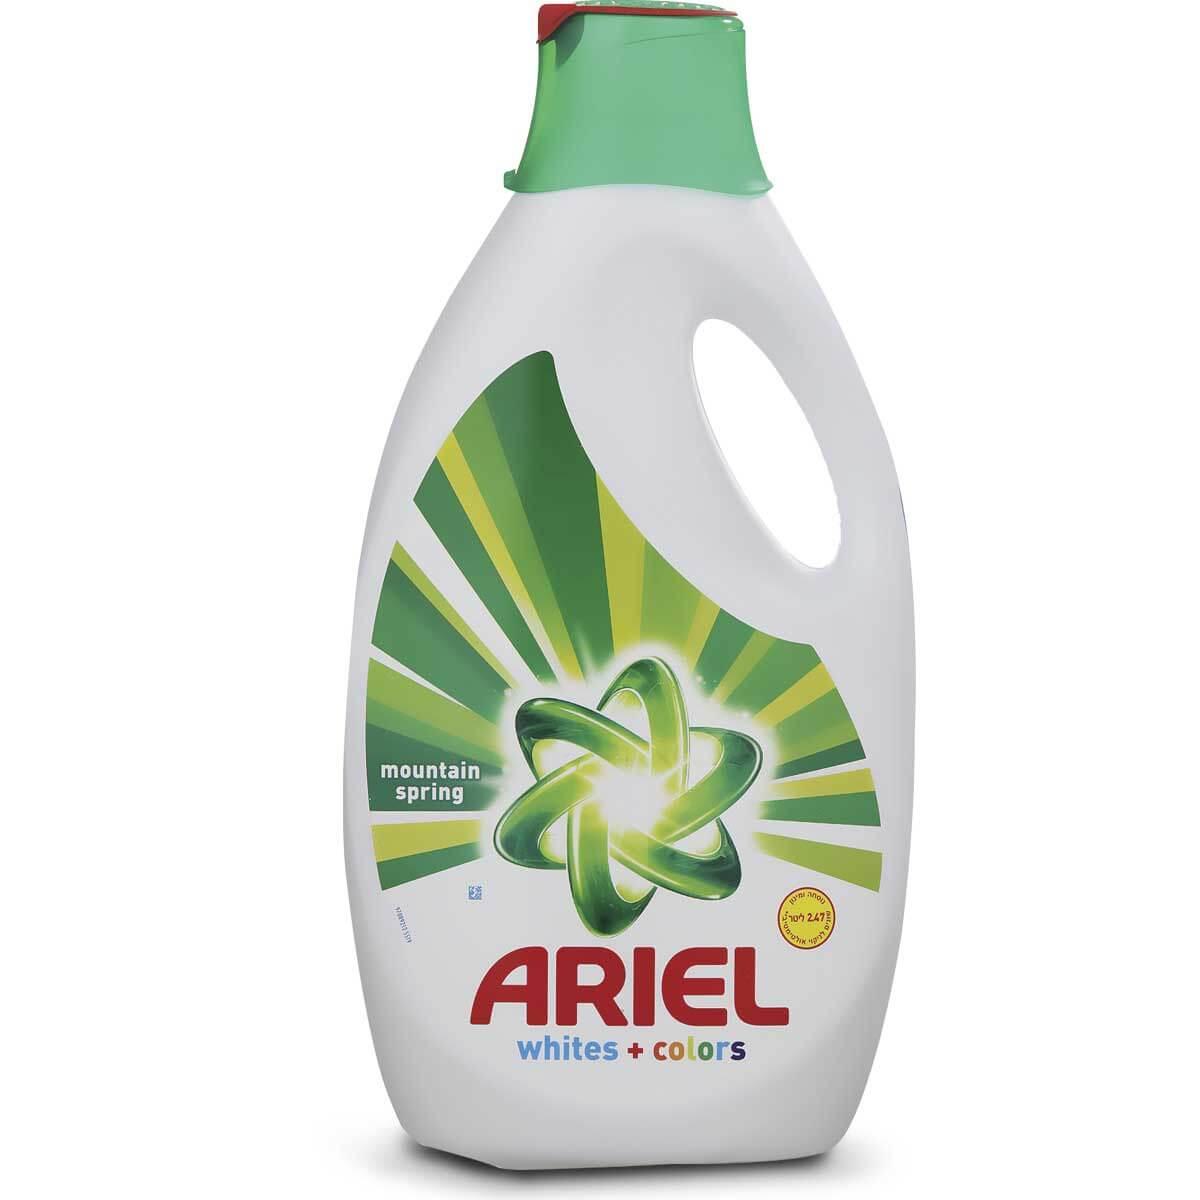 ג'ל כביסה אריאל 2.47 ל' לכביסה לבנה ו/או צבעונית בניחוח הריםתמונה של